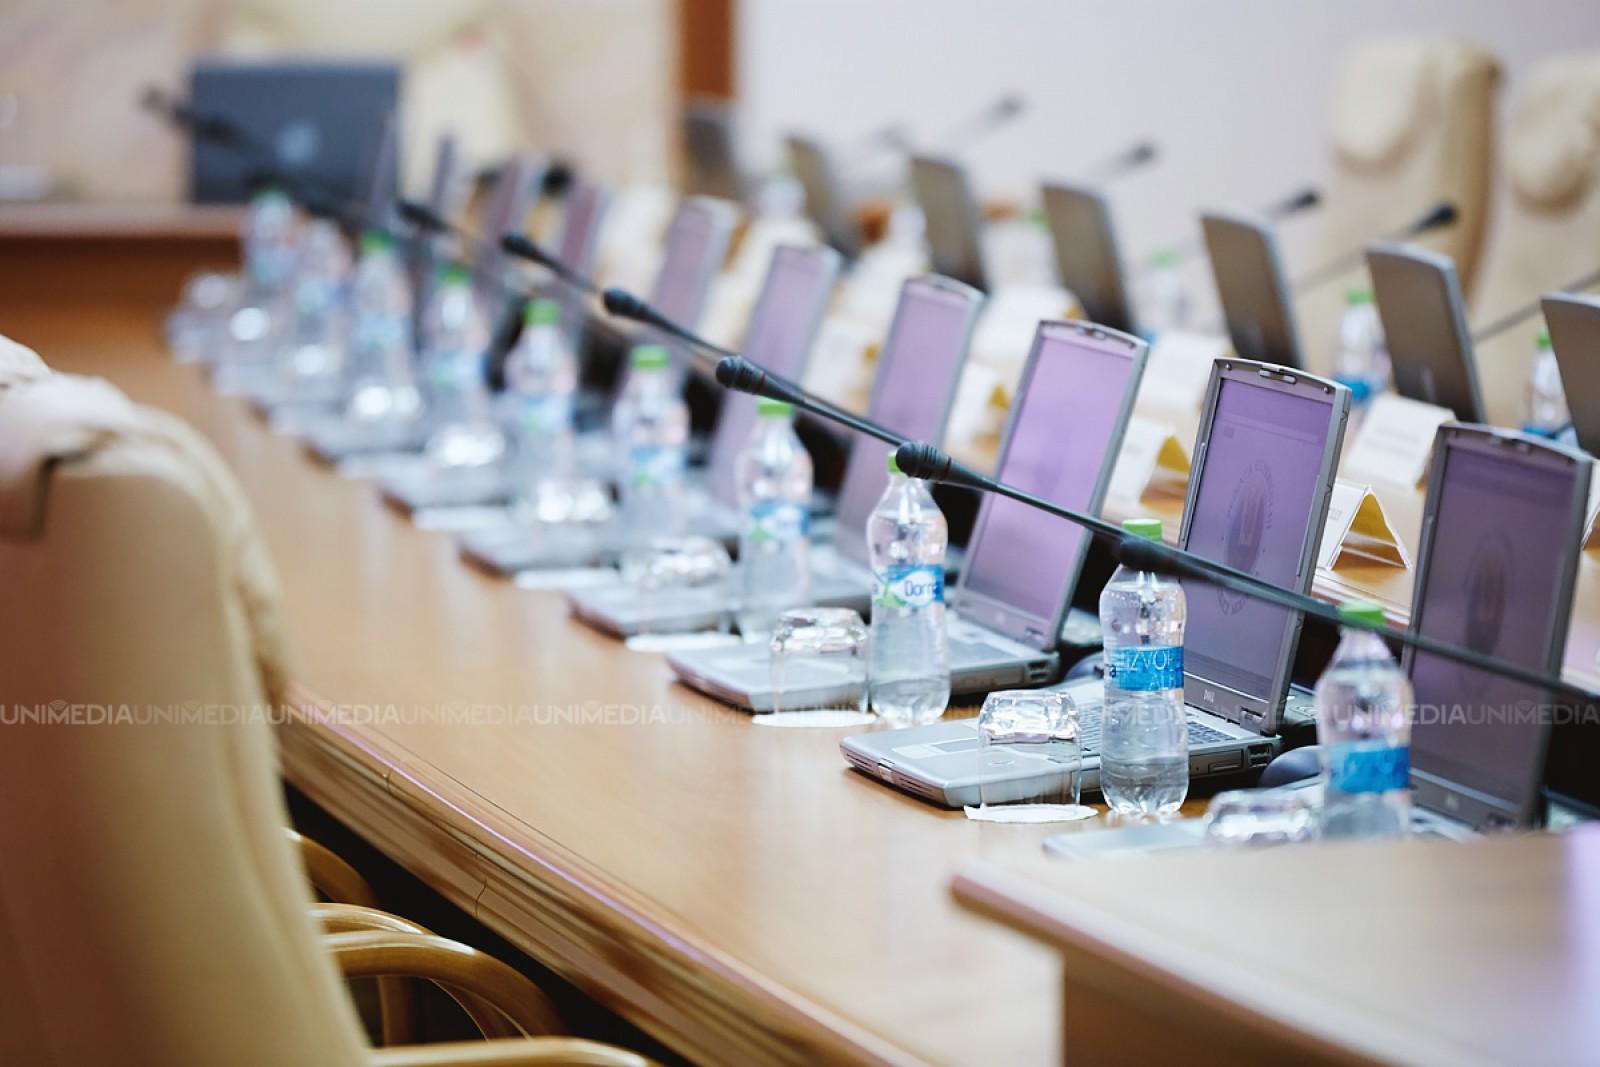 Guvernul a aprobat rectificări la bugetul de stat pentru anul 2018